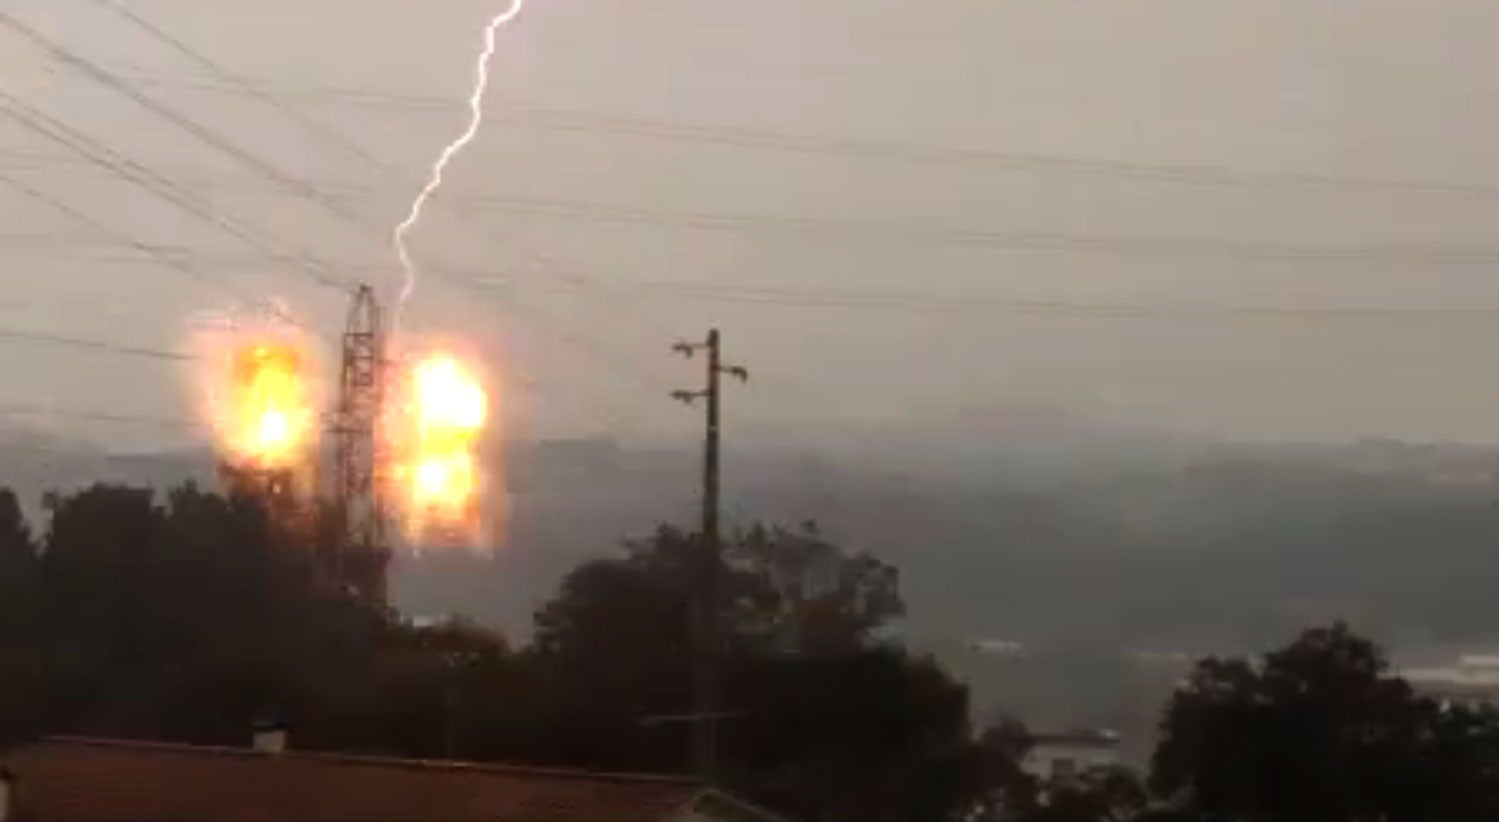 Vídeo - Relâmpago atinge torre de alta tensão na zona de Leiria